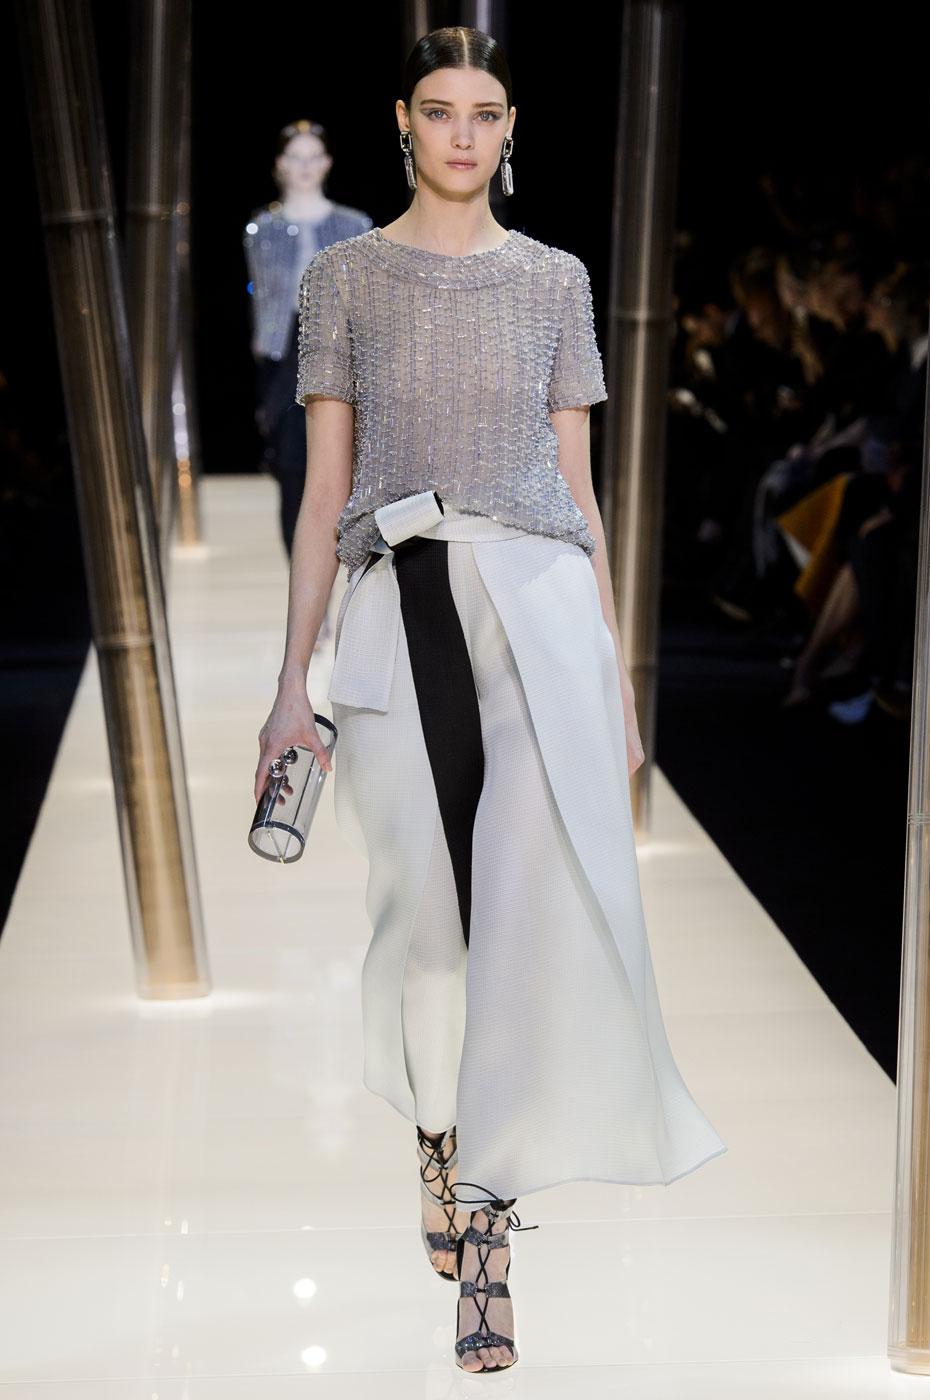 Giorgio-armani-Prive-fashion-runway-show-haute-couture-paris-spring-2015-the-impression-071